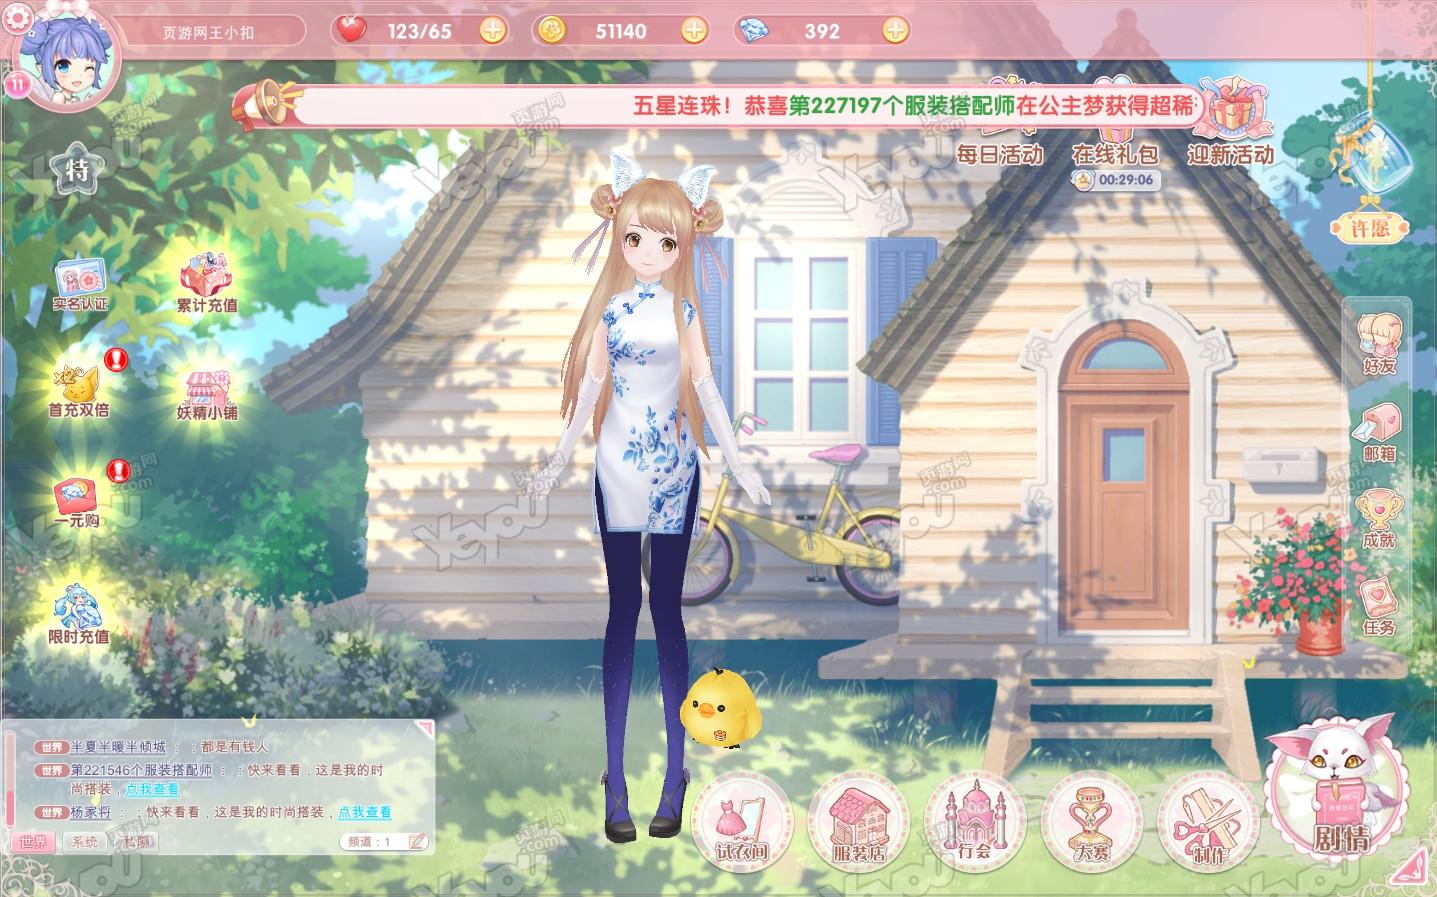 《依依恋物语》游戏截图